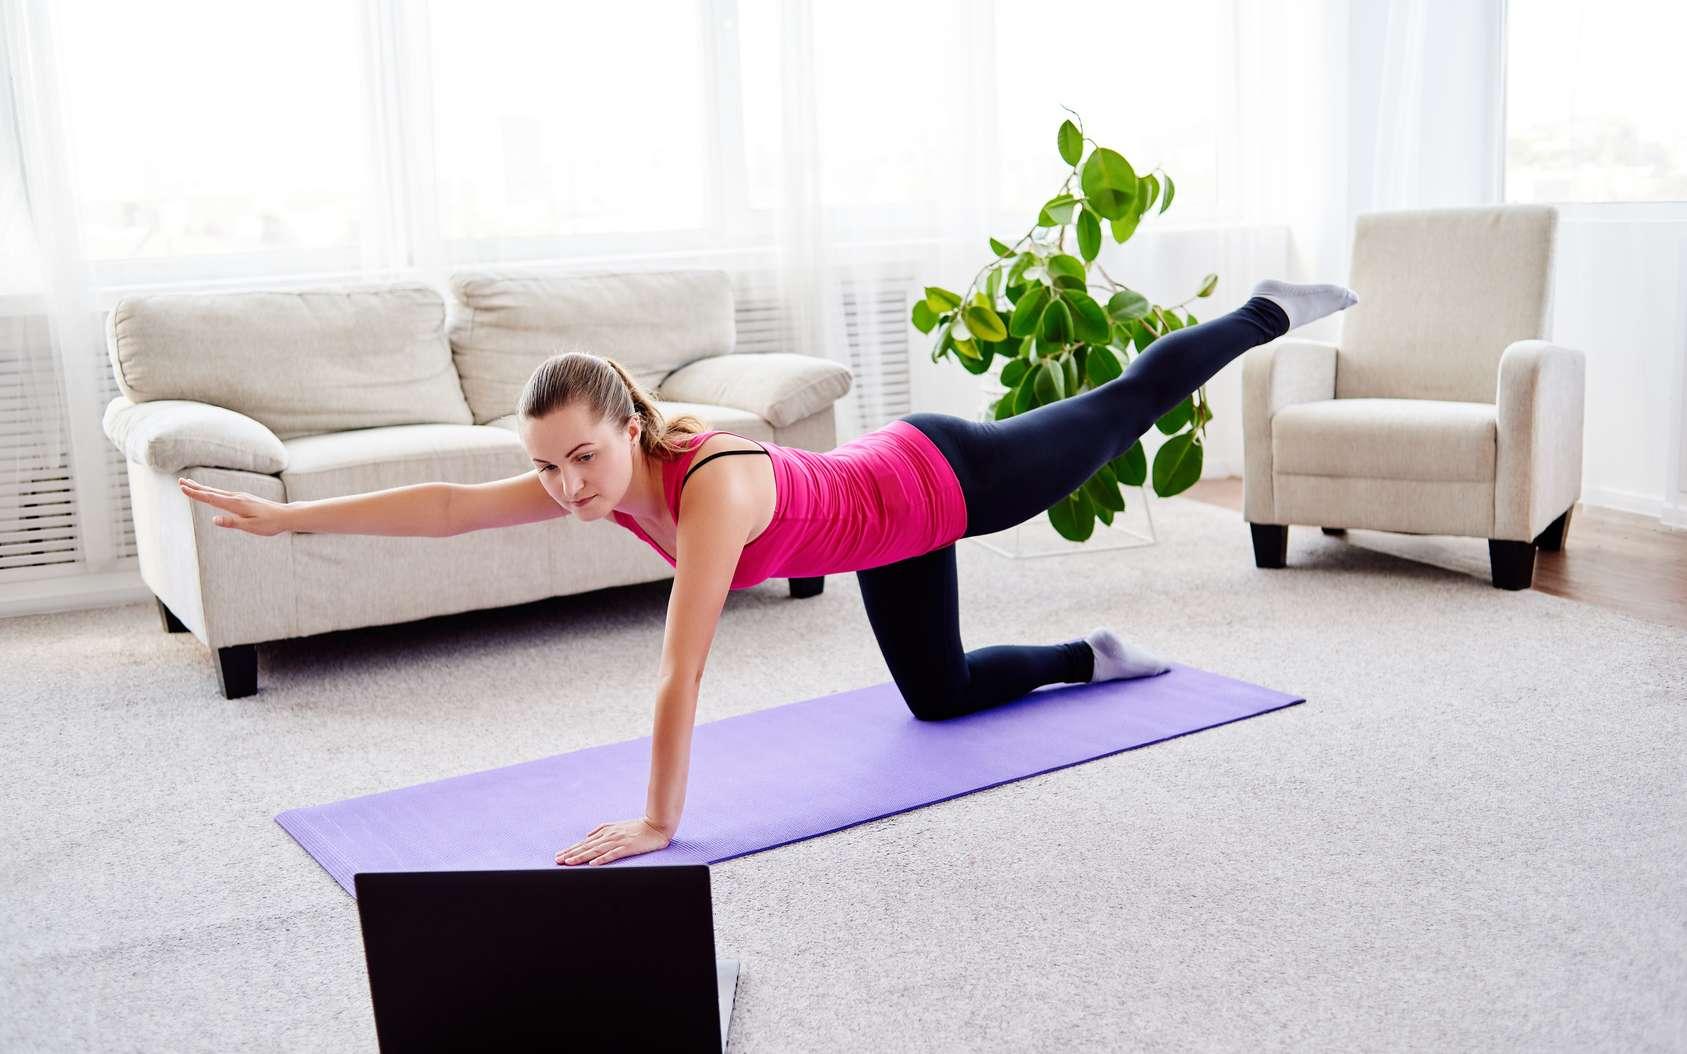 Maintenir son dos musclé au quotidien permet de prévenir le mal de dos. © mirage_studio, Fotolia